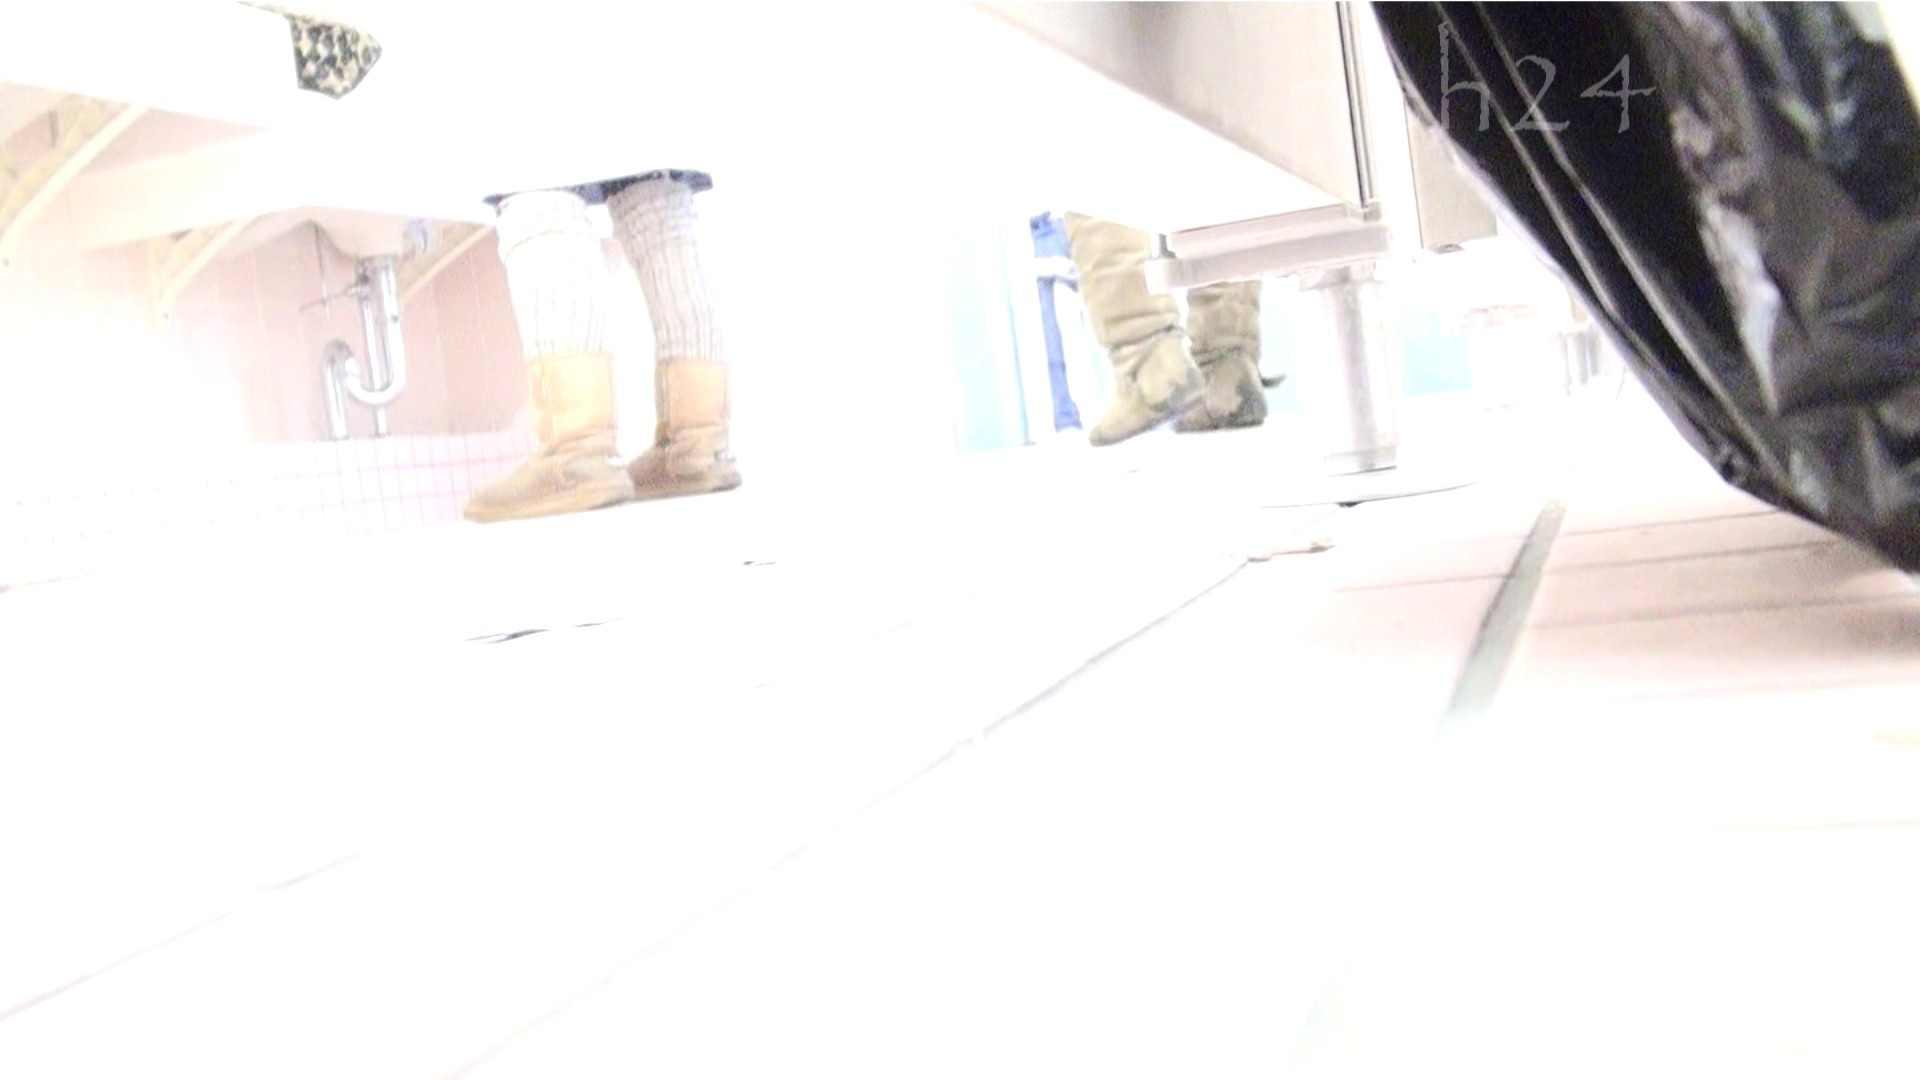 ※100個限定販売 至高下半身盗撮 プレミアム Vol.24 ハイビジョン 2011名作 ぱこり動画紹介 79枚 55